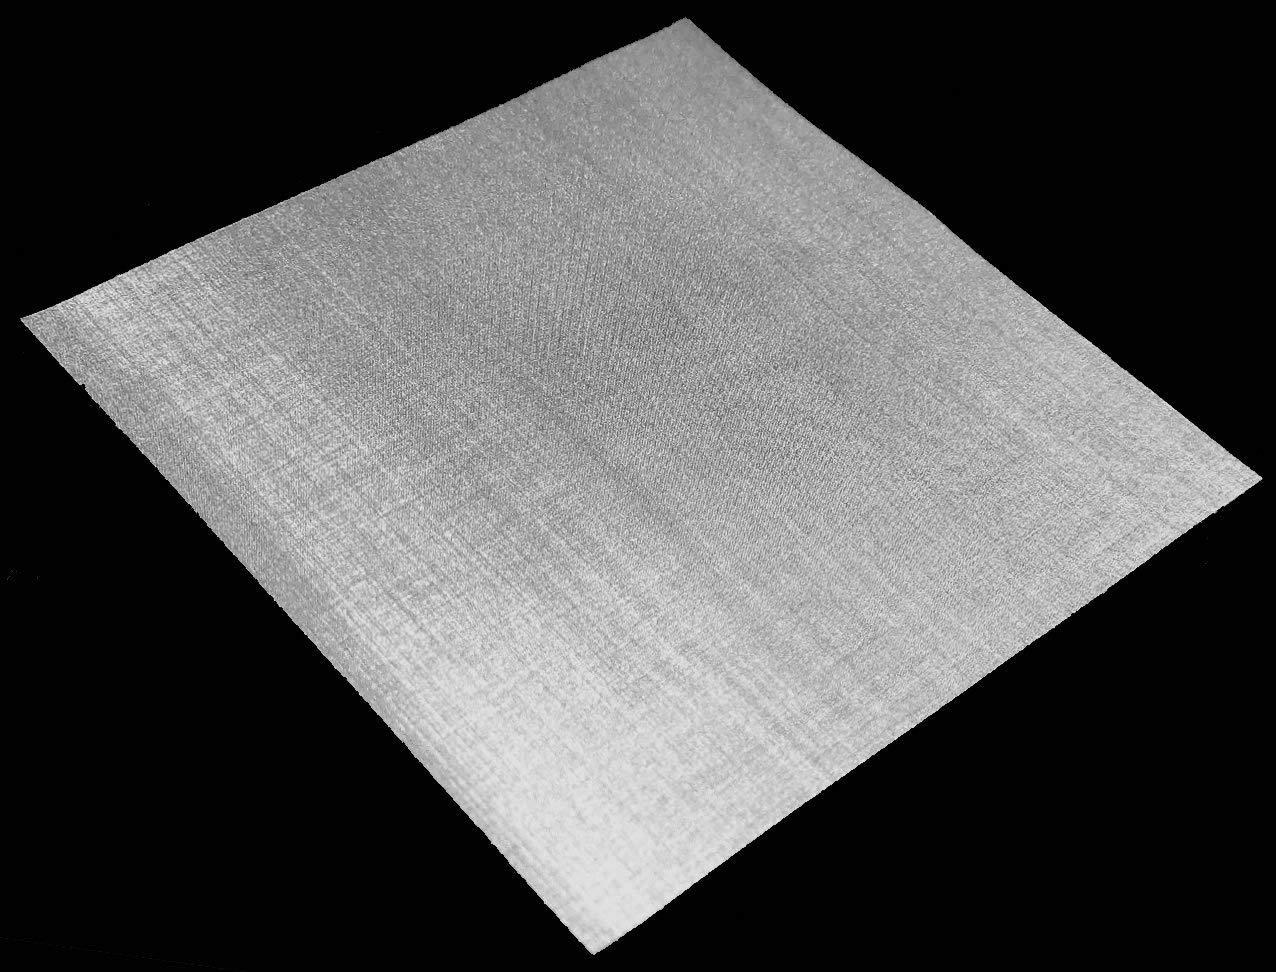 Inoxia Ltd - Grillage Mé tallique En Acier Inoxyable 316L, 200 Maille, Ouverture De 77 micron, Taille: 15cmx15cm